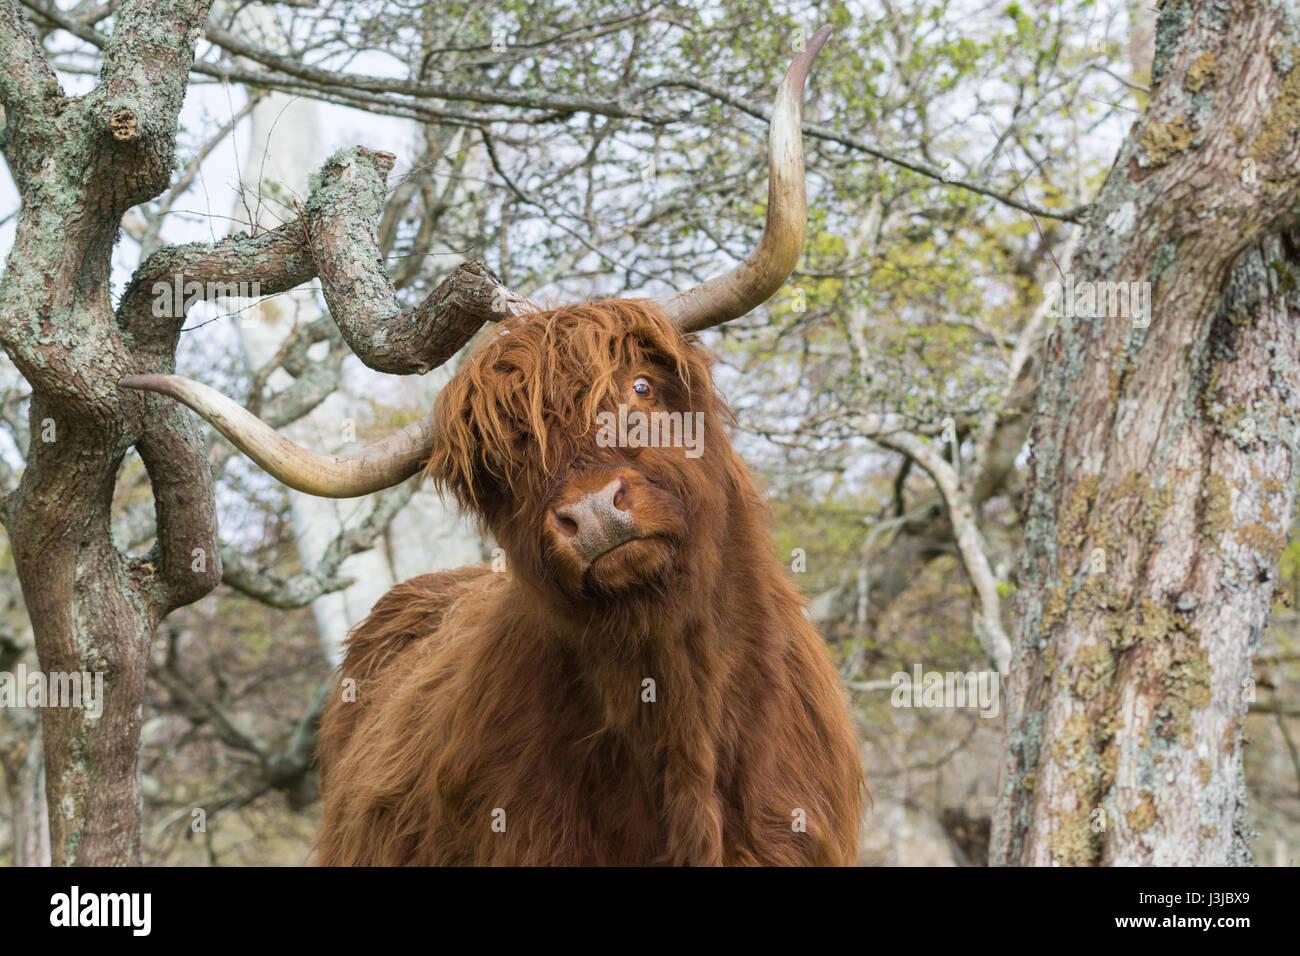 Vache highland drôle de rayer sur branch Banque D'Images